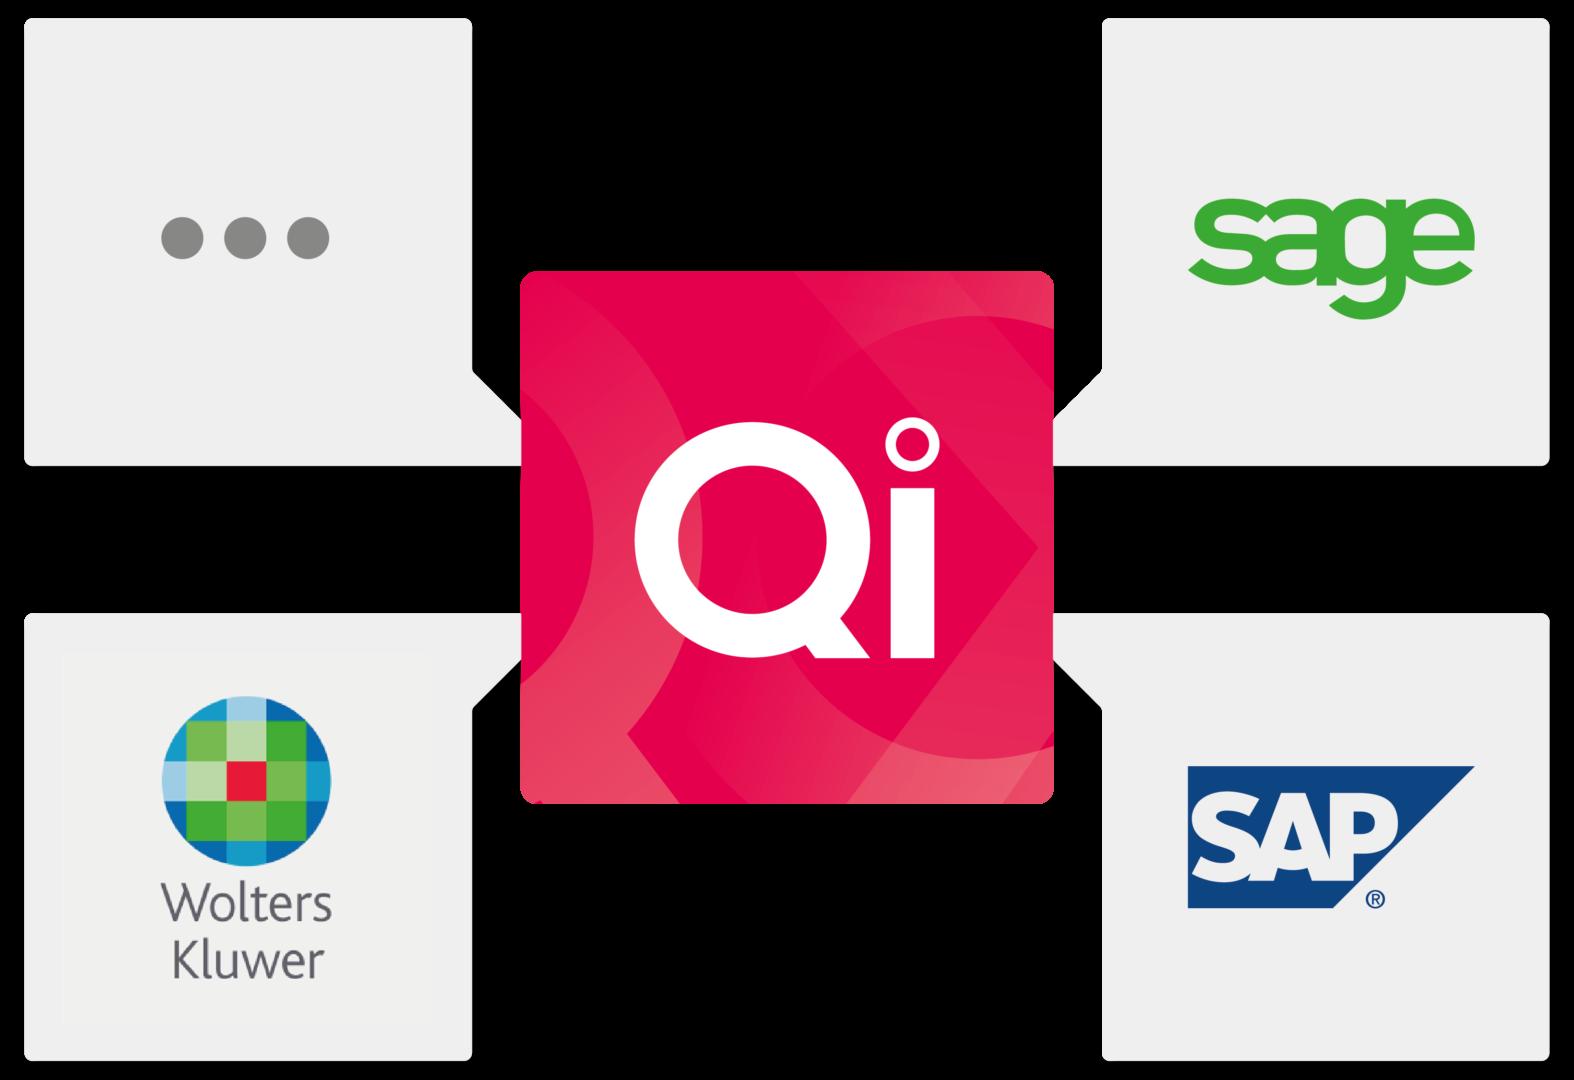 Integración de sistemas con otras plataformas en Quakki - Sage, SAP, Wolters Kluwer